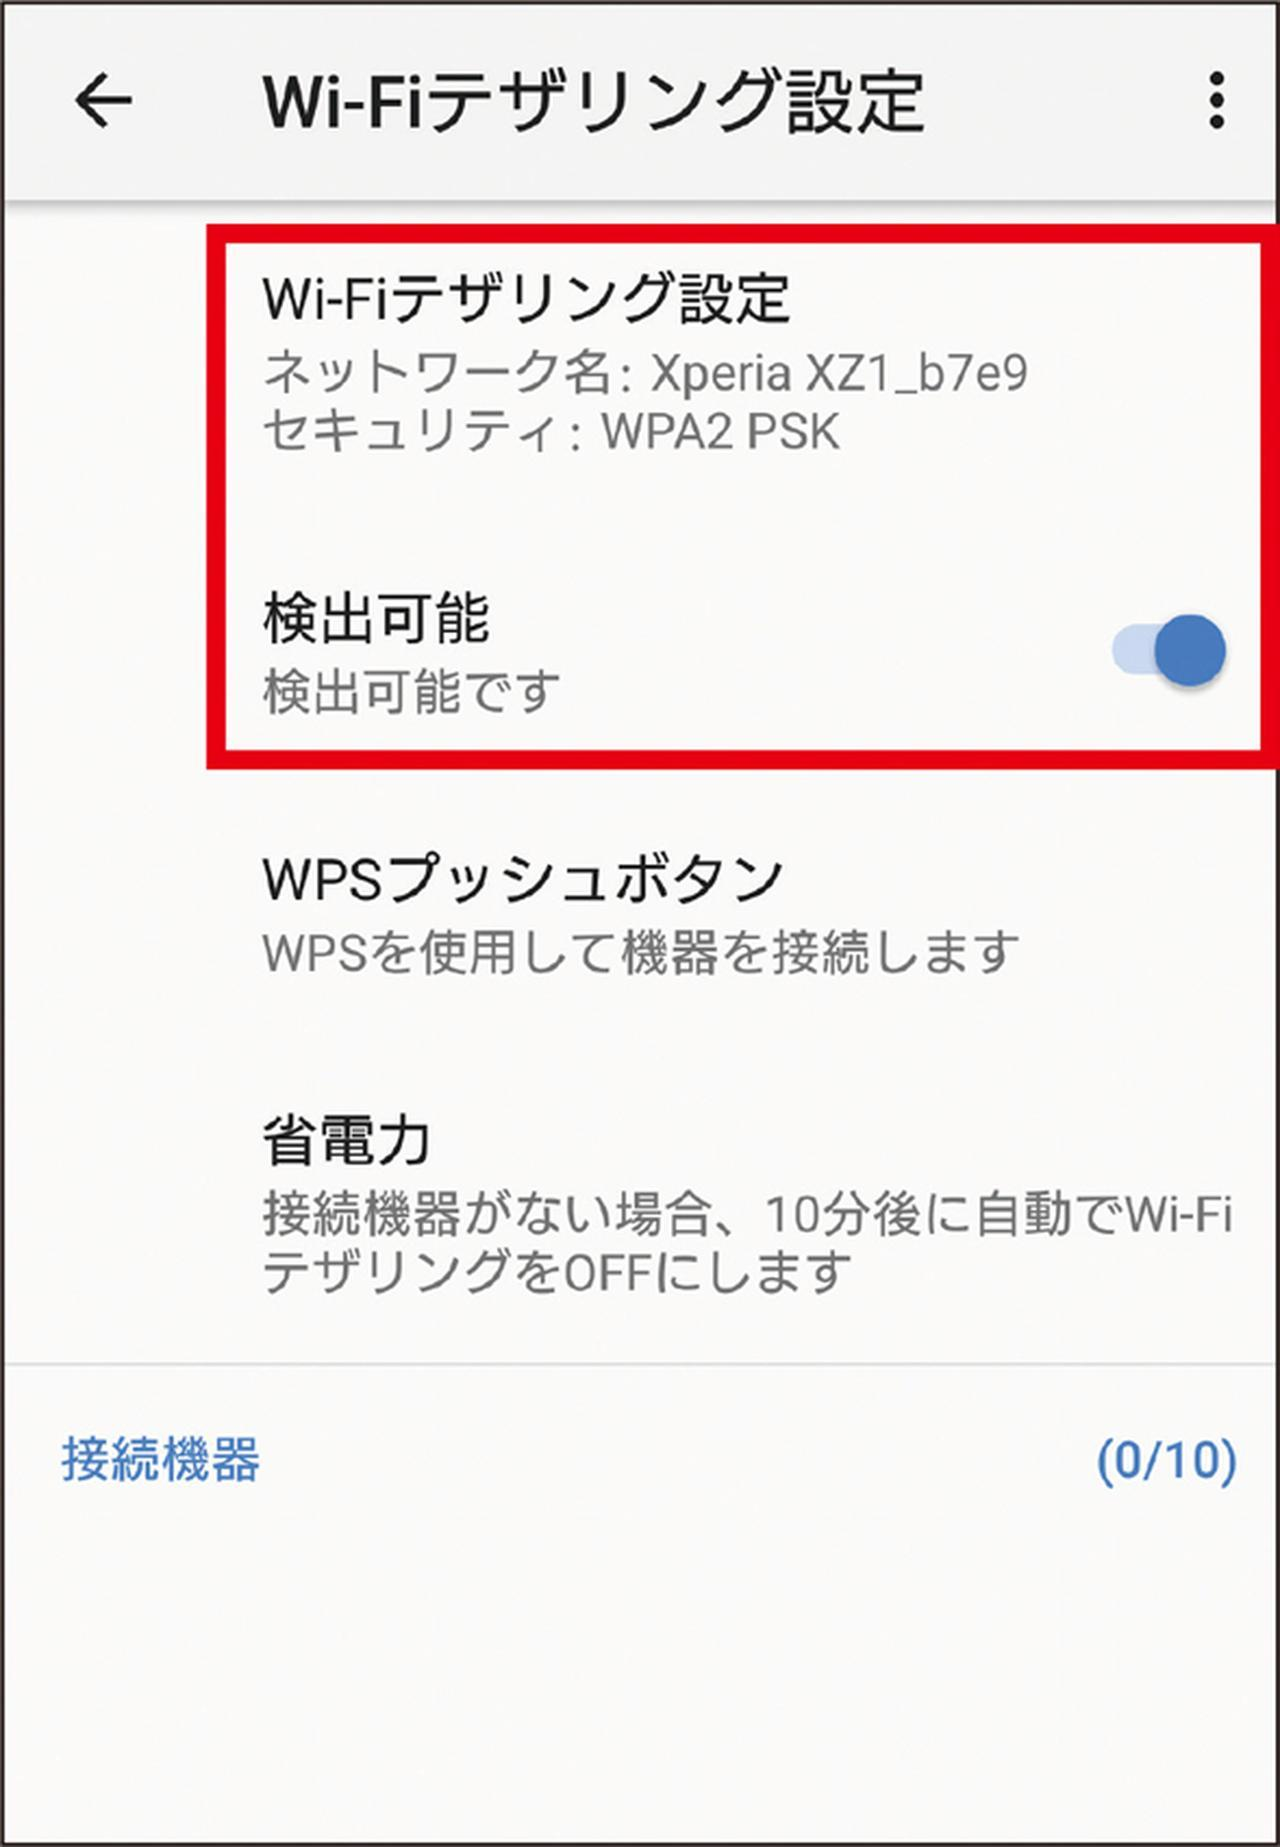 画像: Androidは「Wi-Fiテザリング設定」をオンにする。パスワードは右上のメニューから変更可能だ。